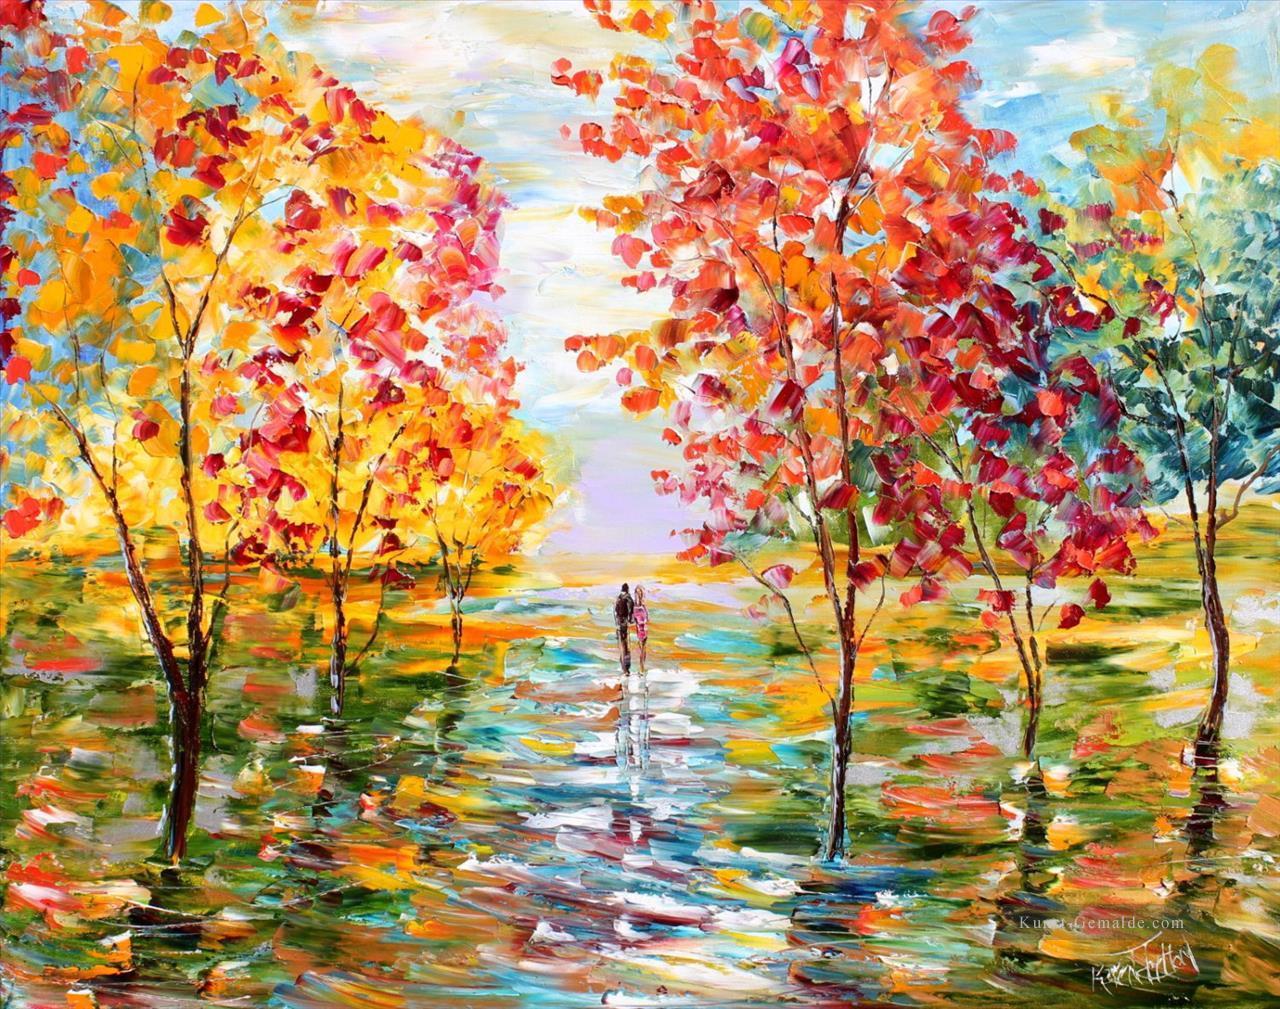 Herbst Romantik Landsape Wald Gemalde Mit Ol Zu Verkaufen